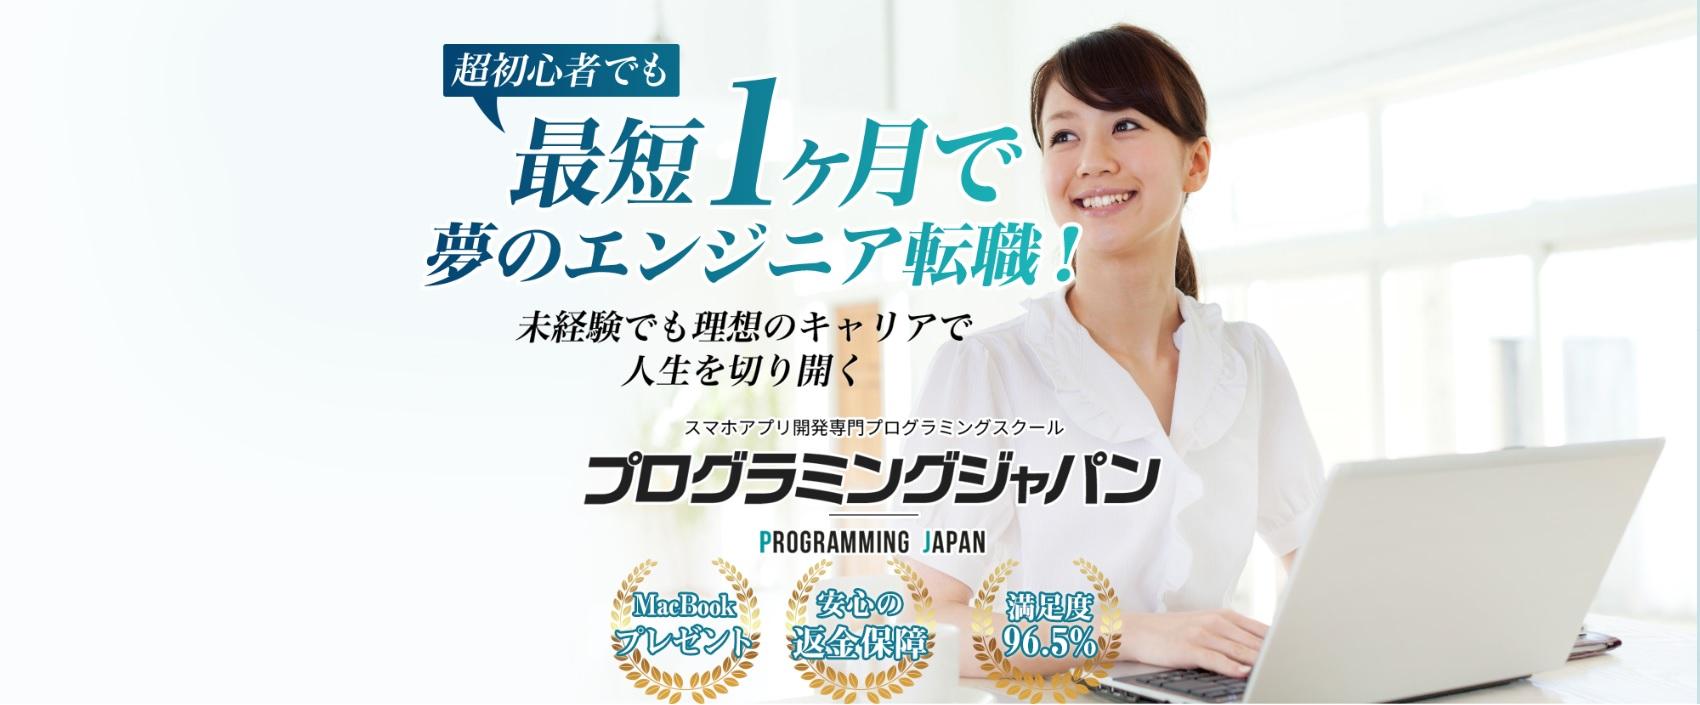 プログラミングジャパン公式ページ画像